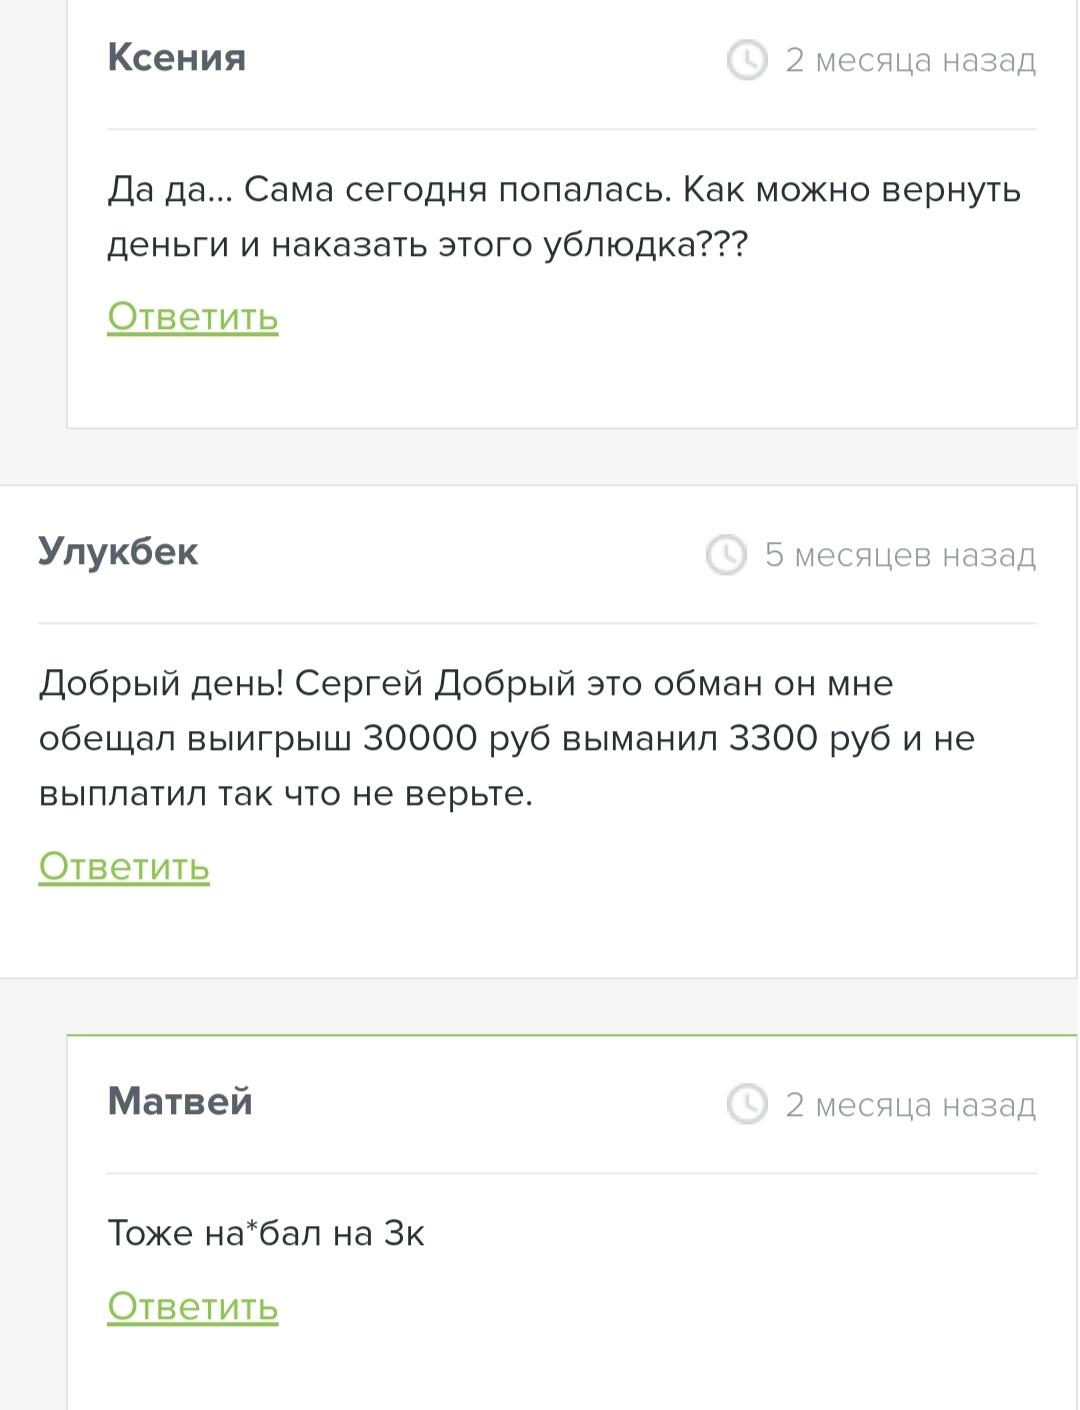 Канал Сергей Добрый в Телеграмм — отзывы клиентов